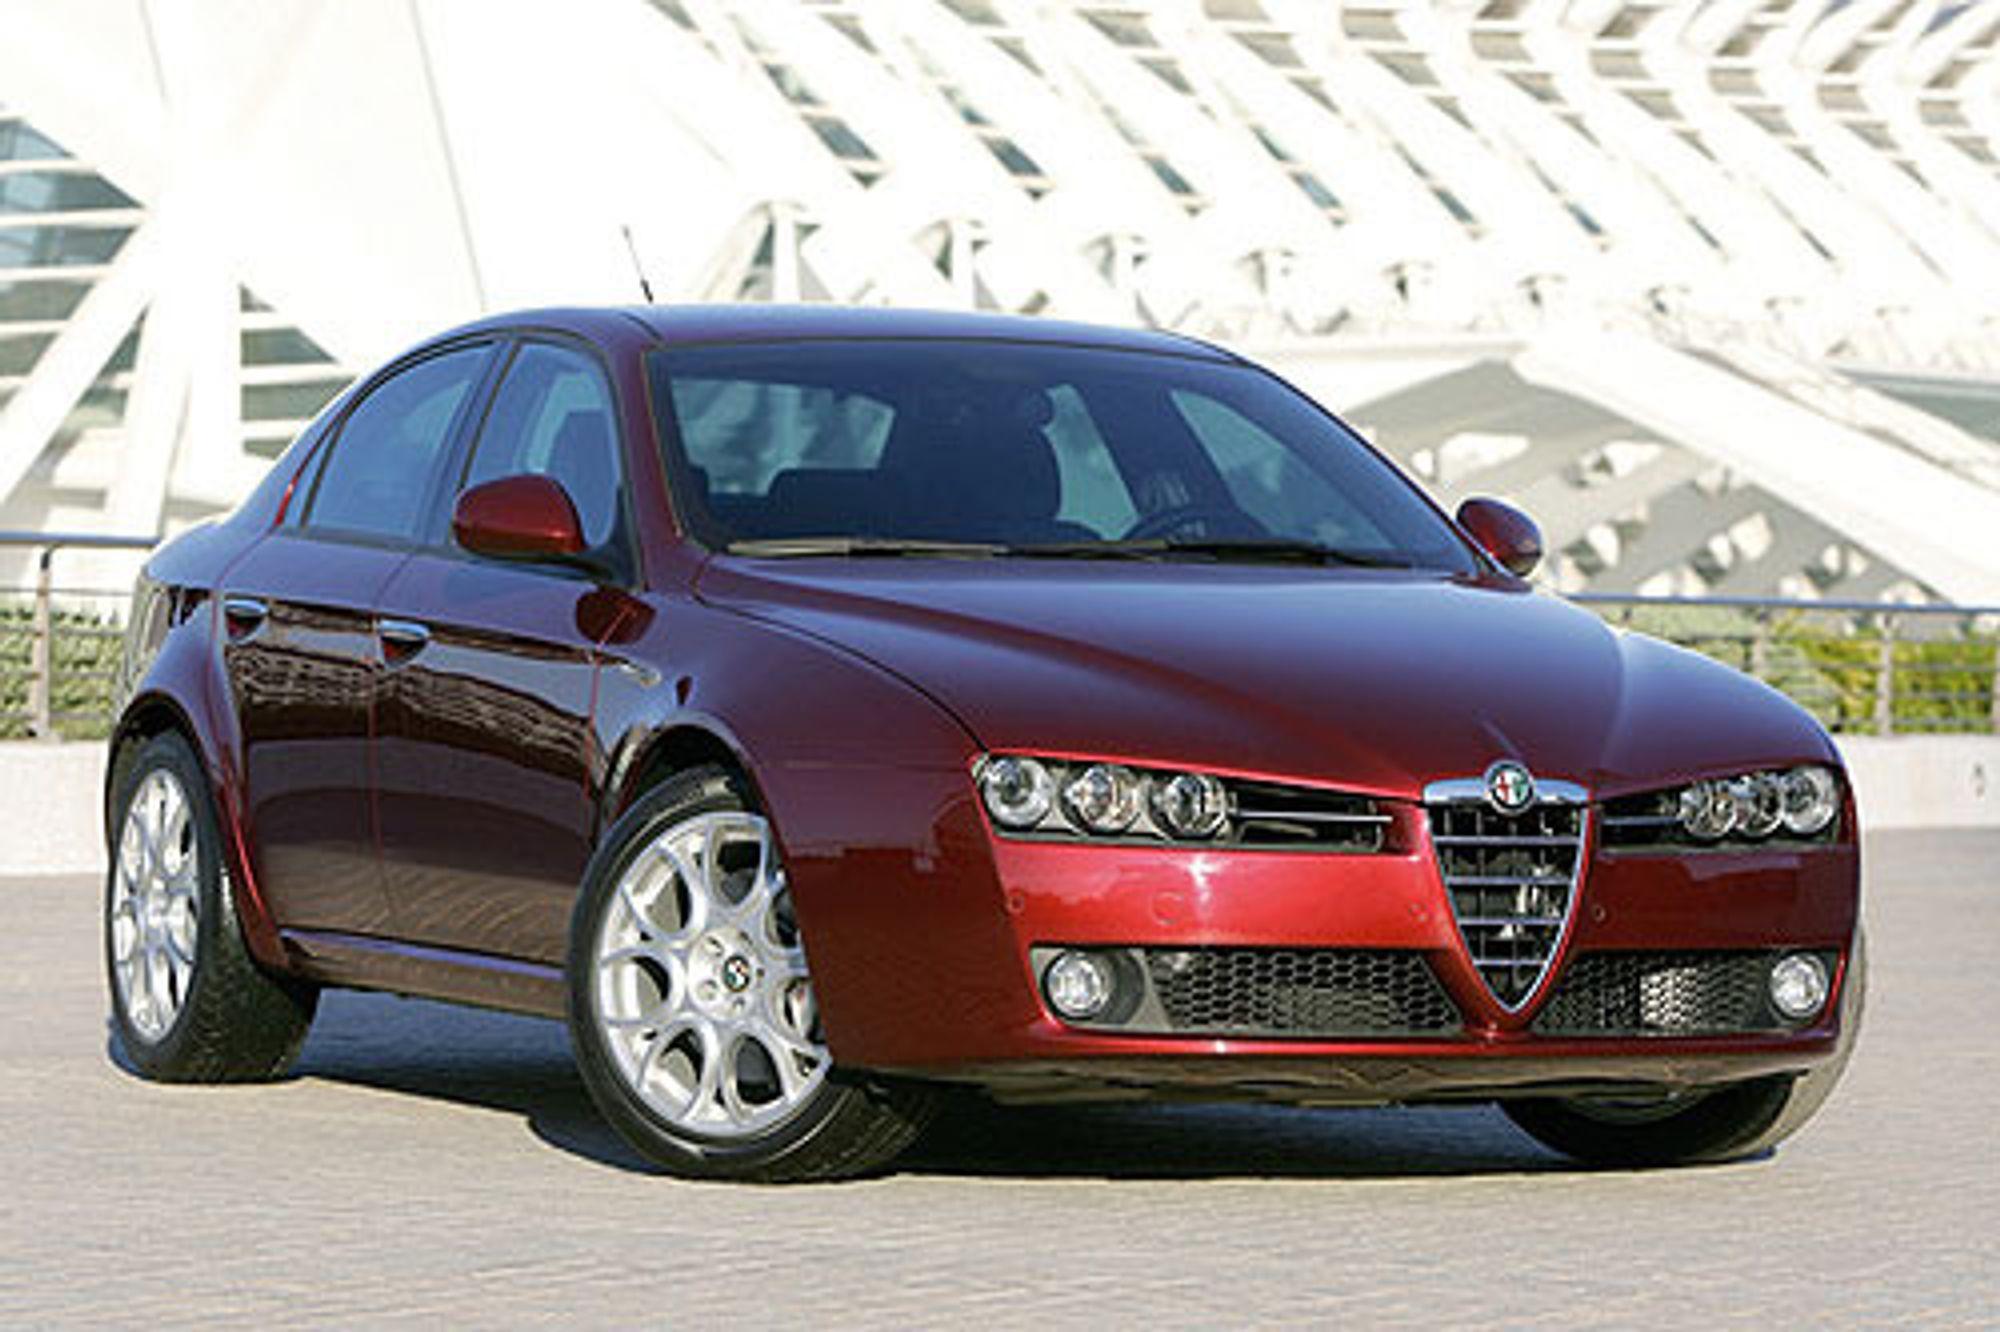 Italiener med turbodiesel